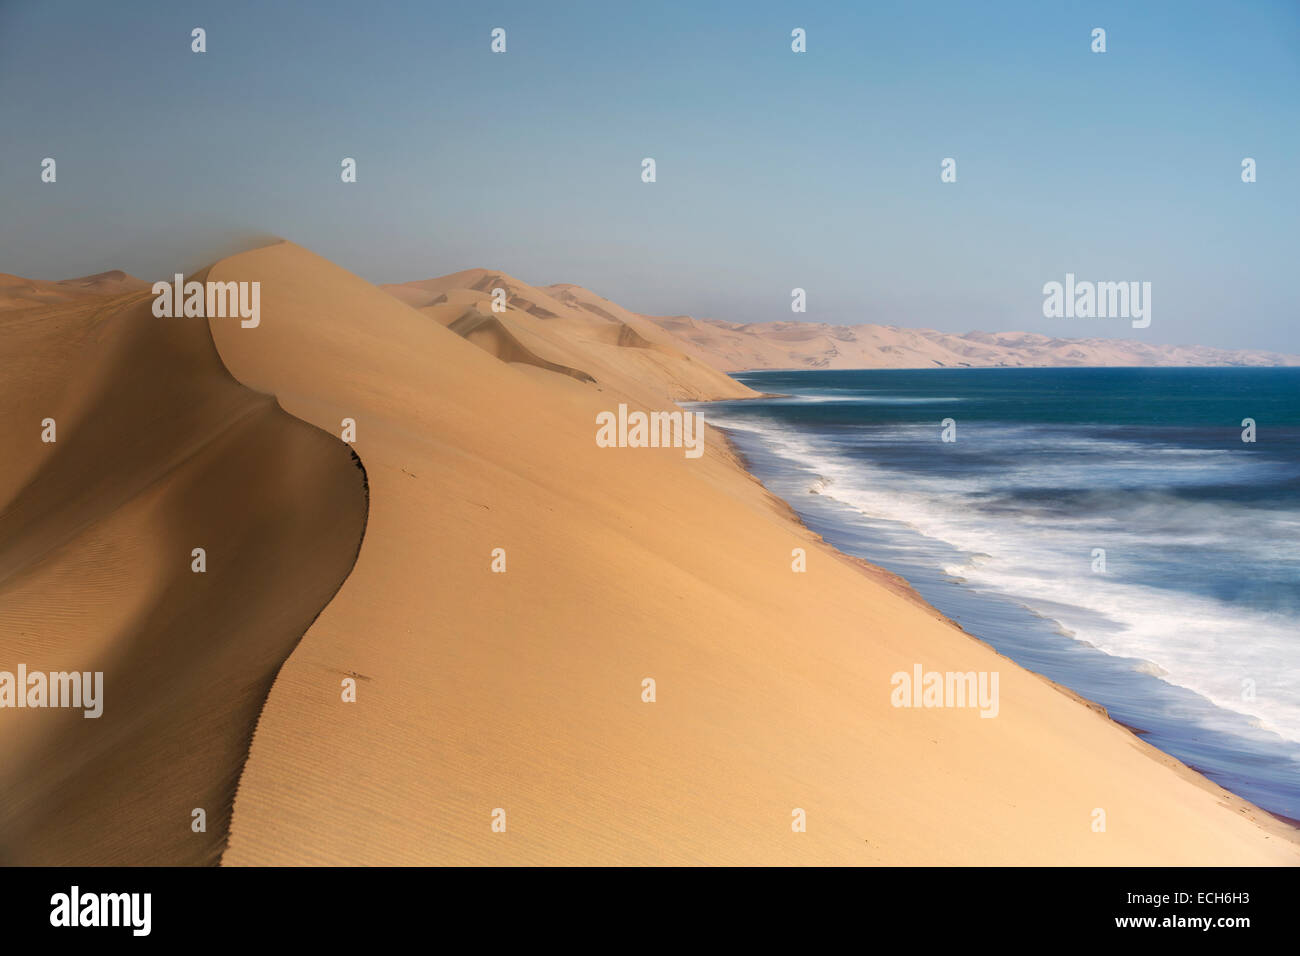 Las dunas de arena, el desierto de Namib, en Swakopmund, Namibia Imagen De Stock